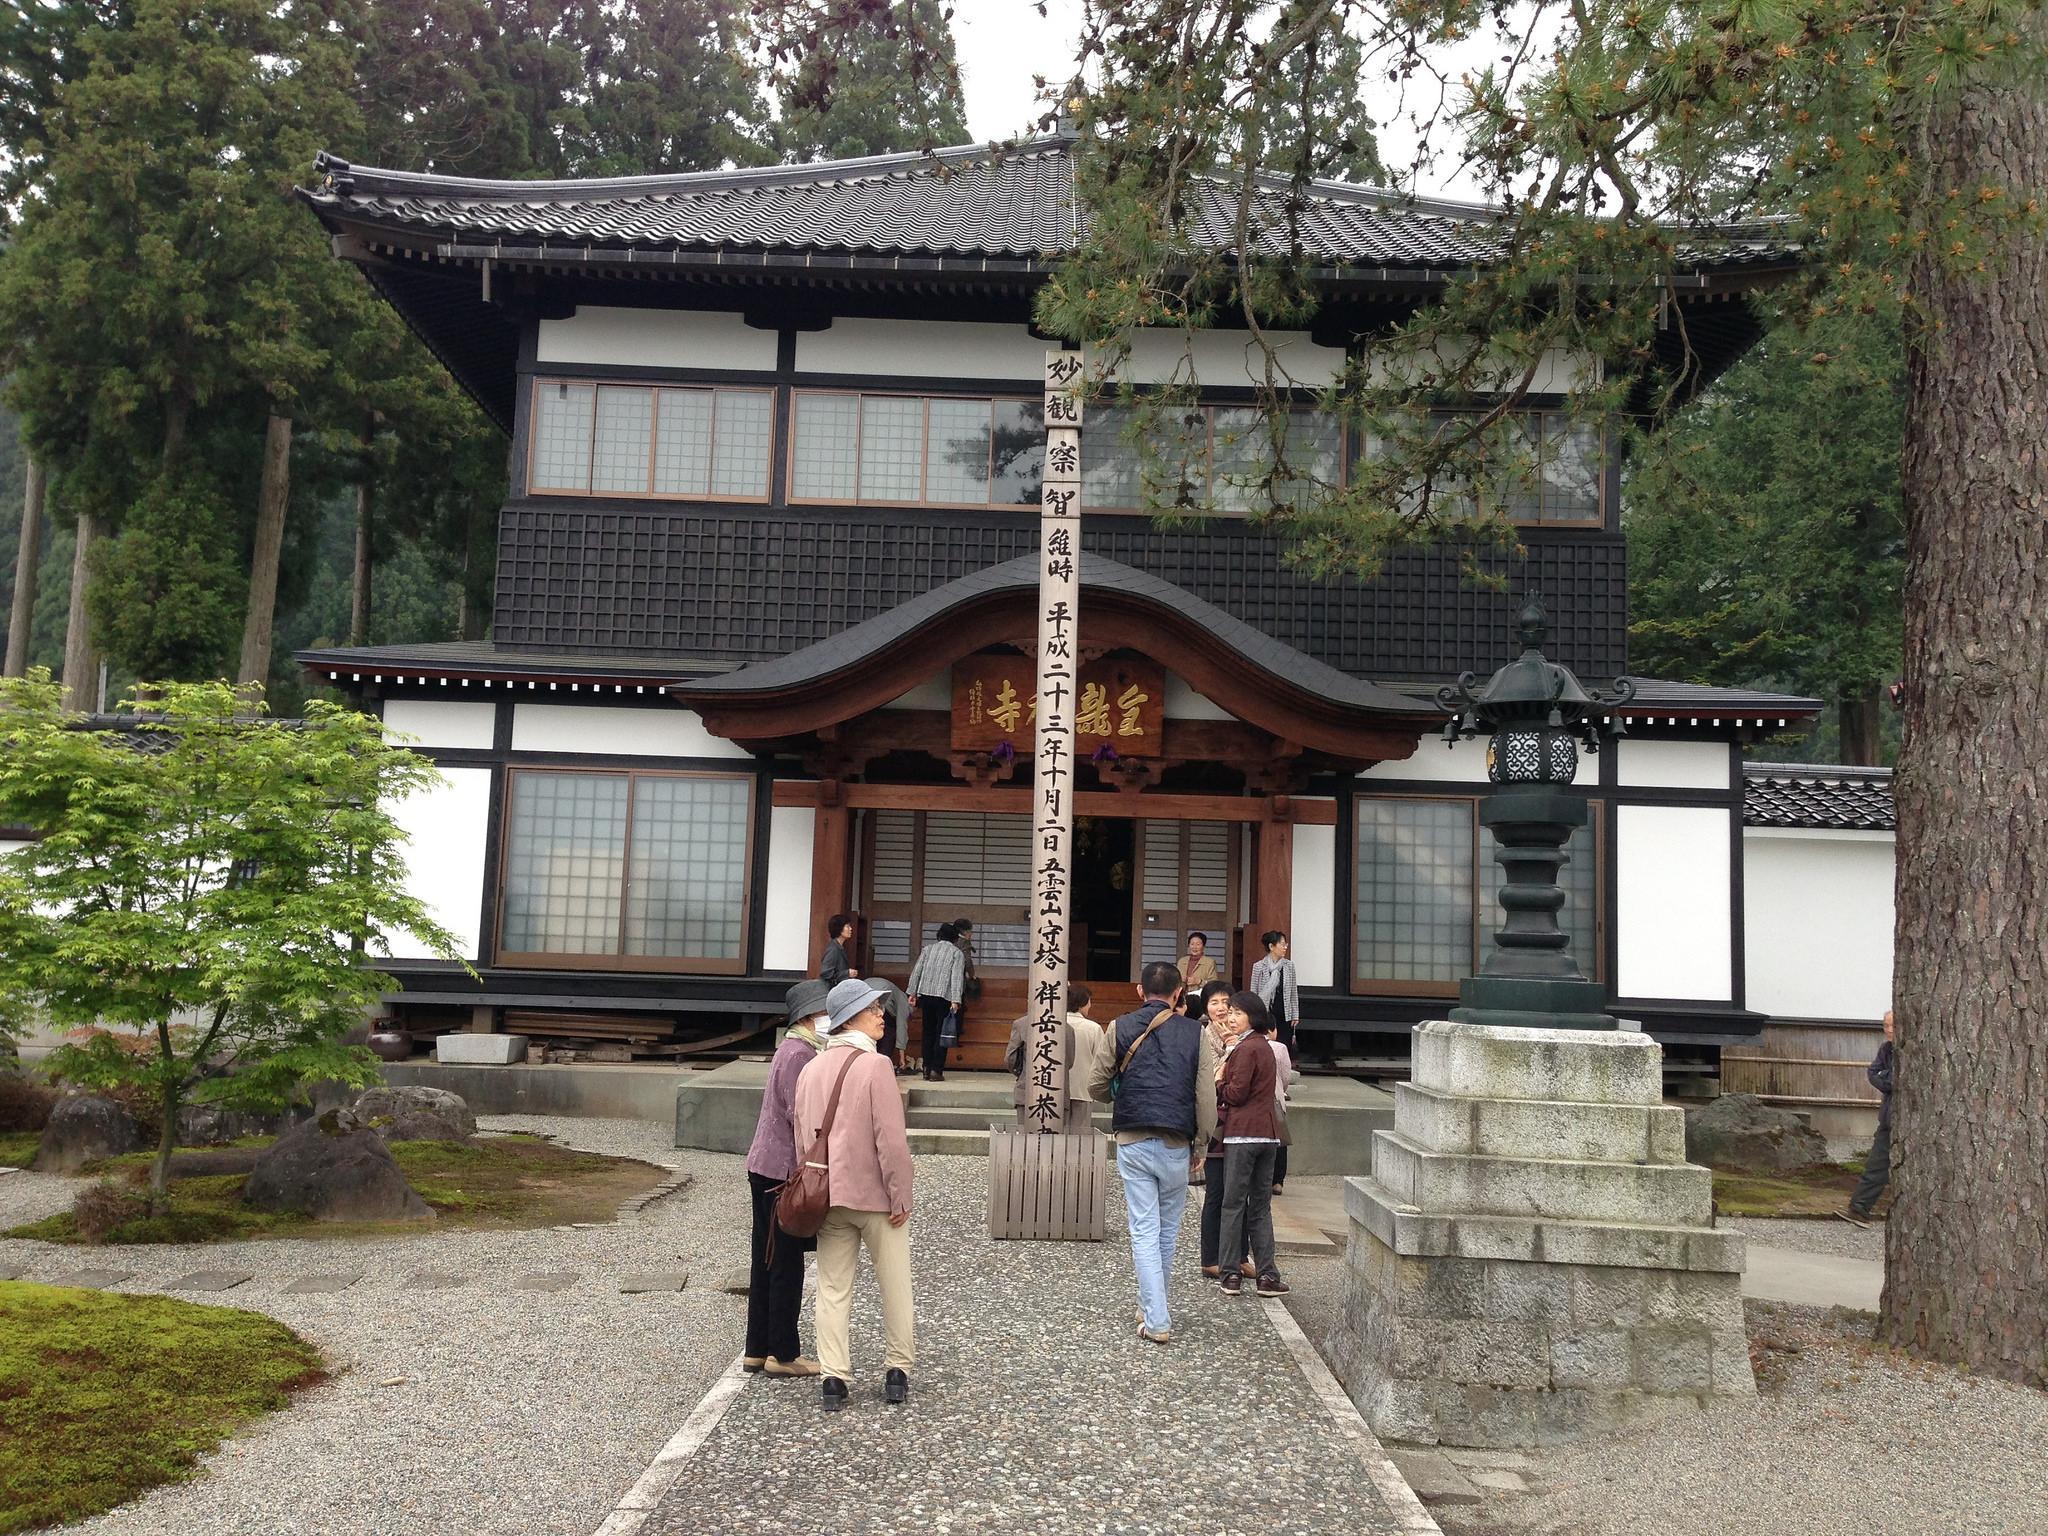 全竜寺の本殿